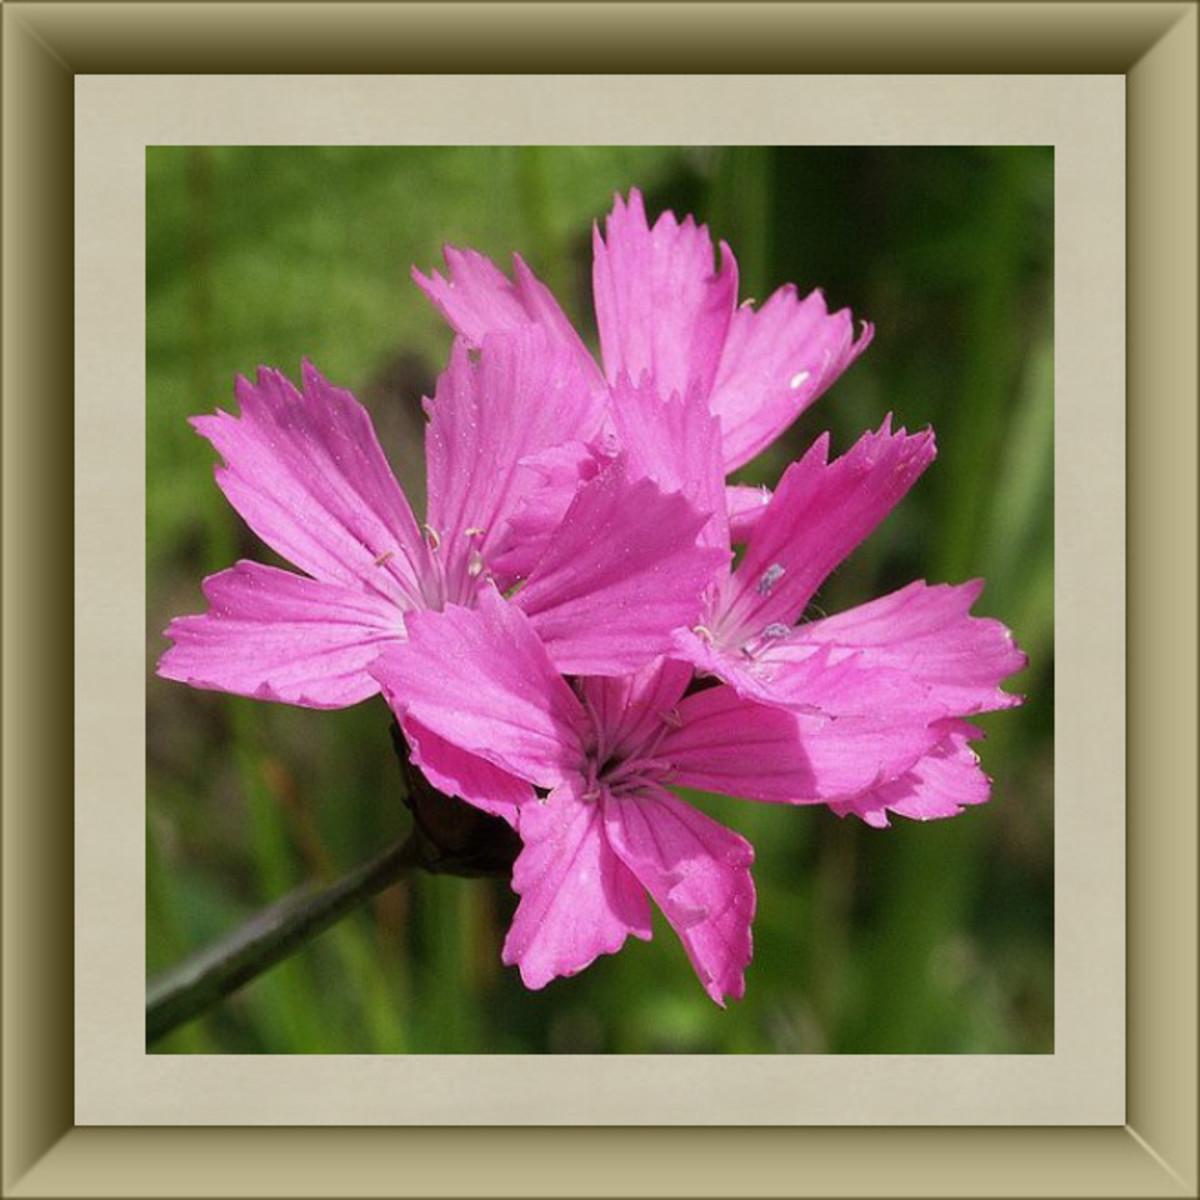 Dianthus blossoms